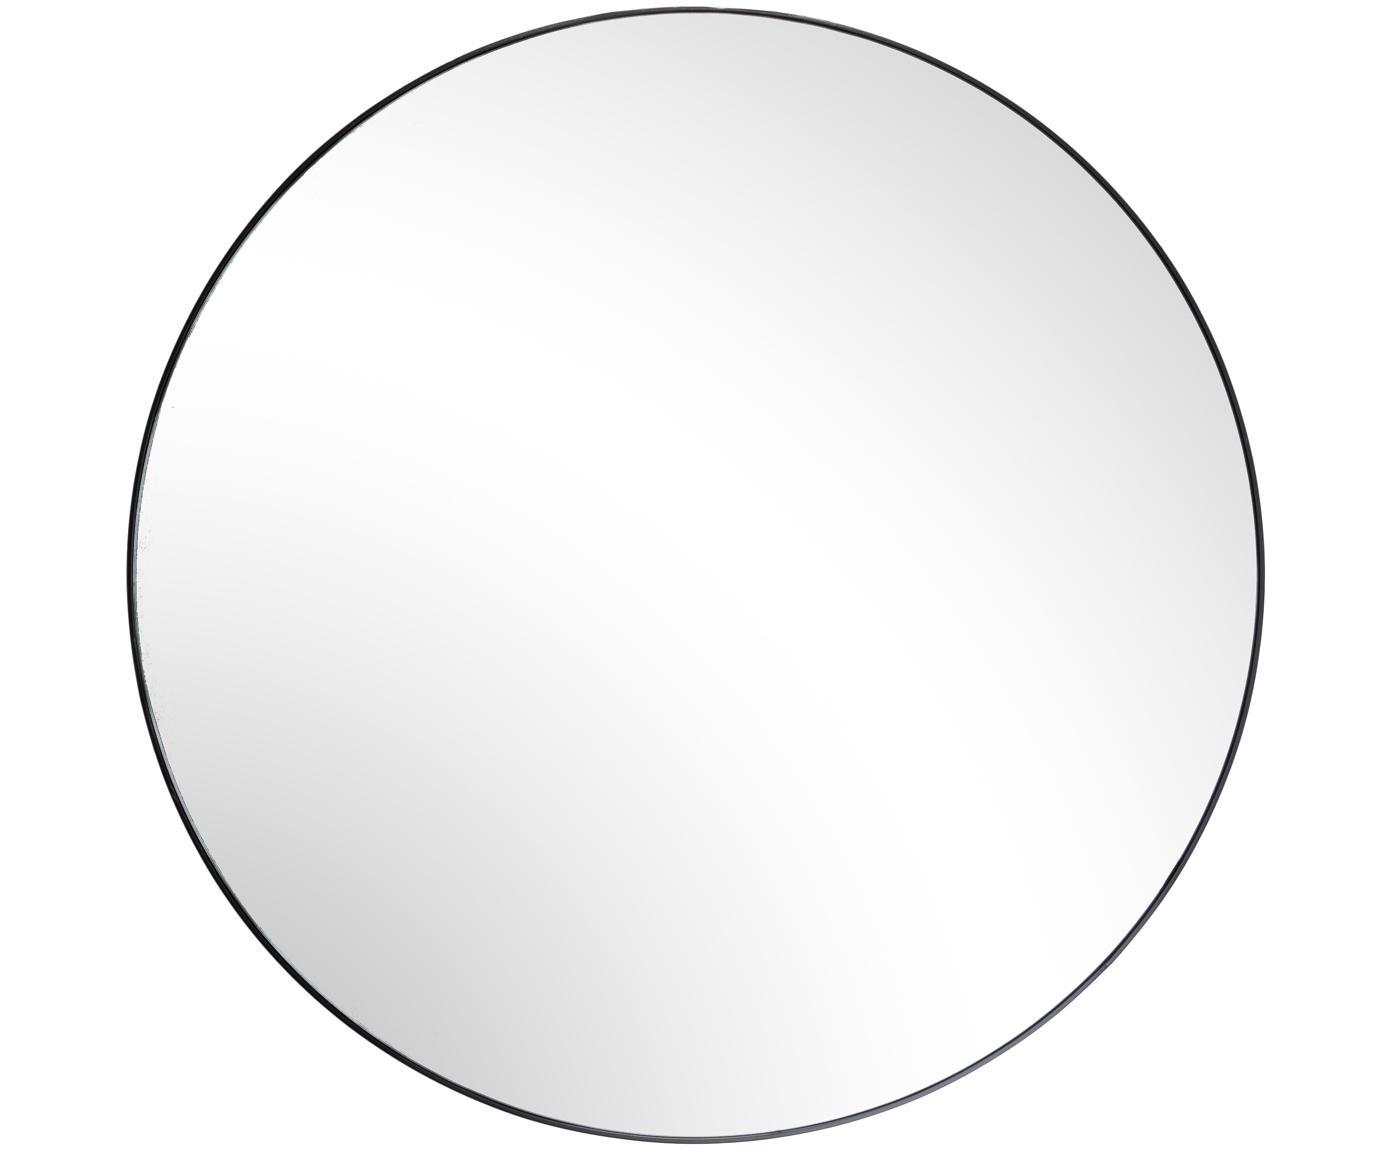 Specchio da parete rotondo Complete, Cornice: Pannello di fibra a media, Nero, Ø 100 cm